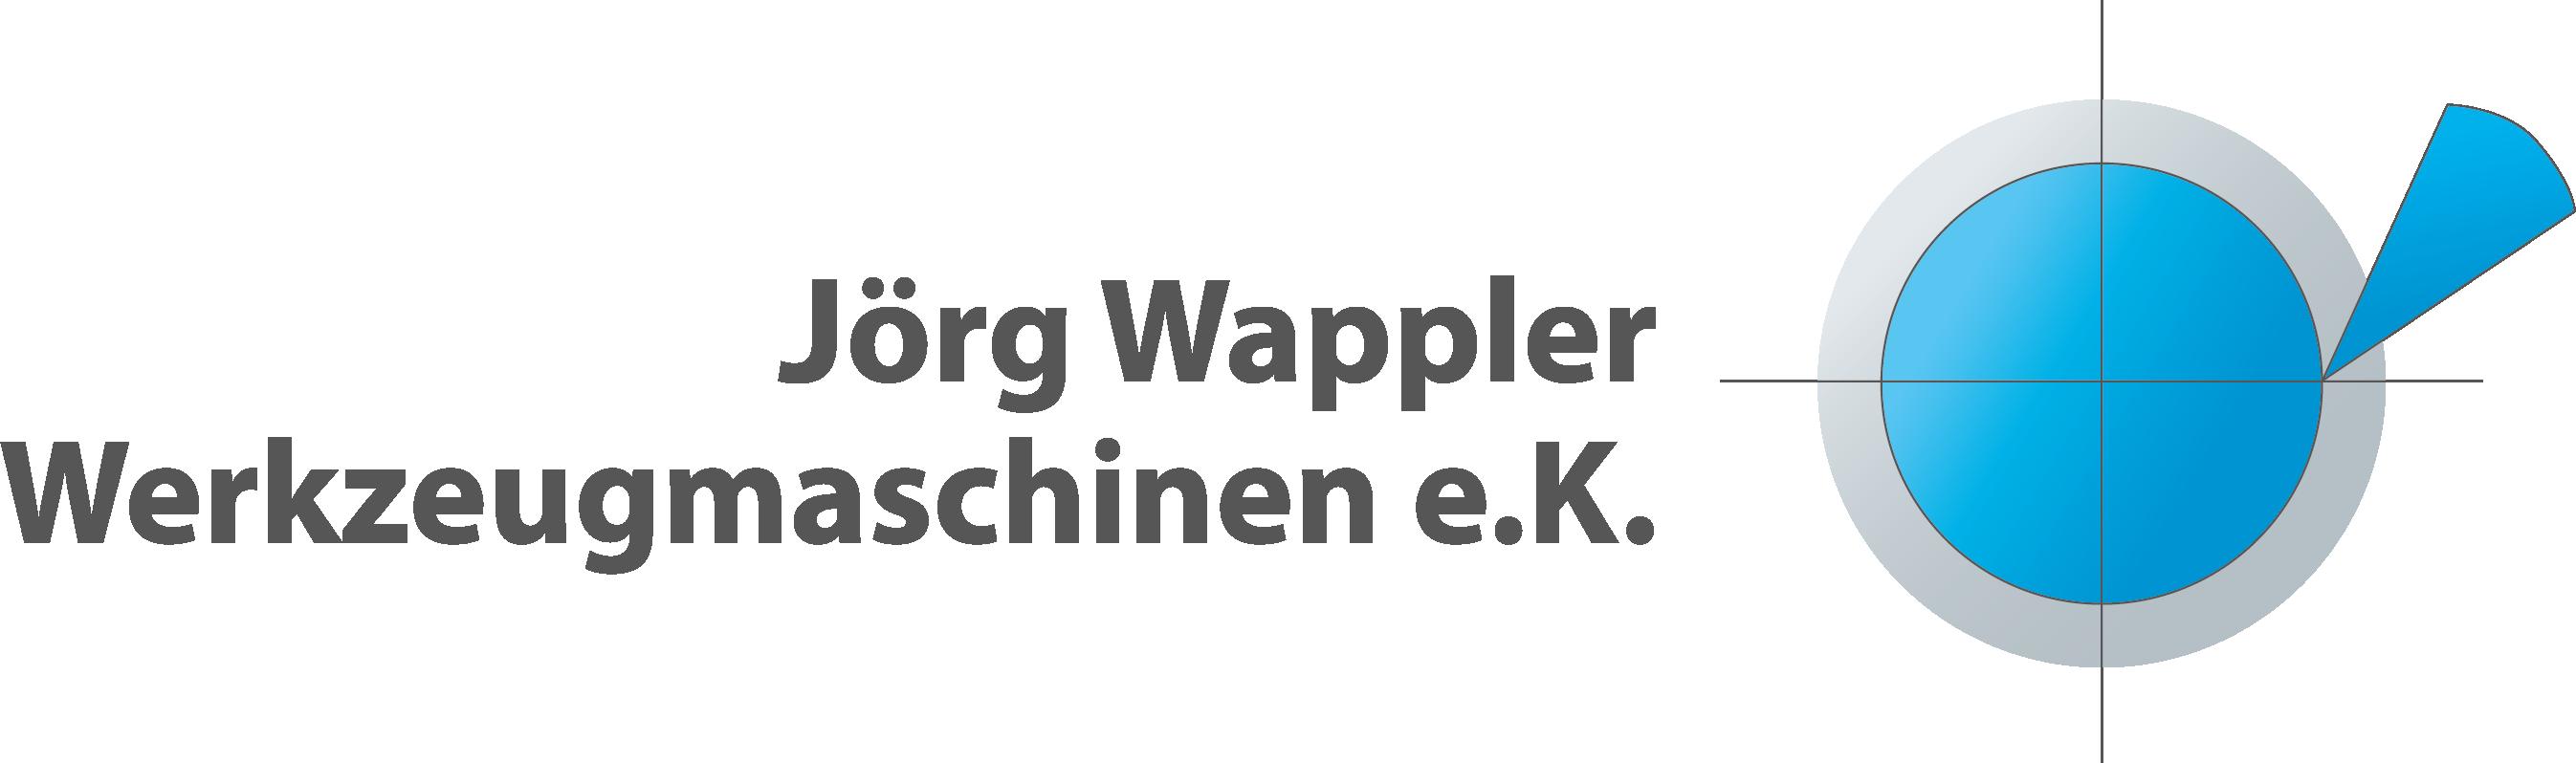 Logo Jörg Wappler Werkzeugmaschinen e.K.